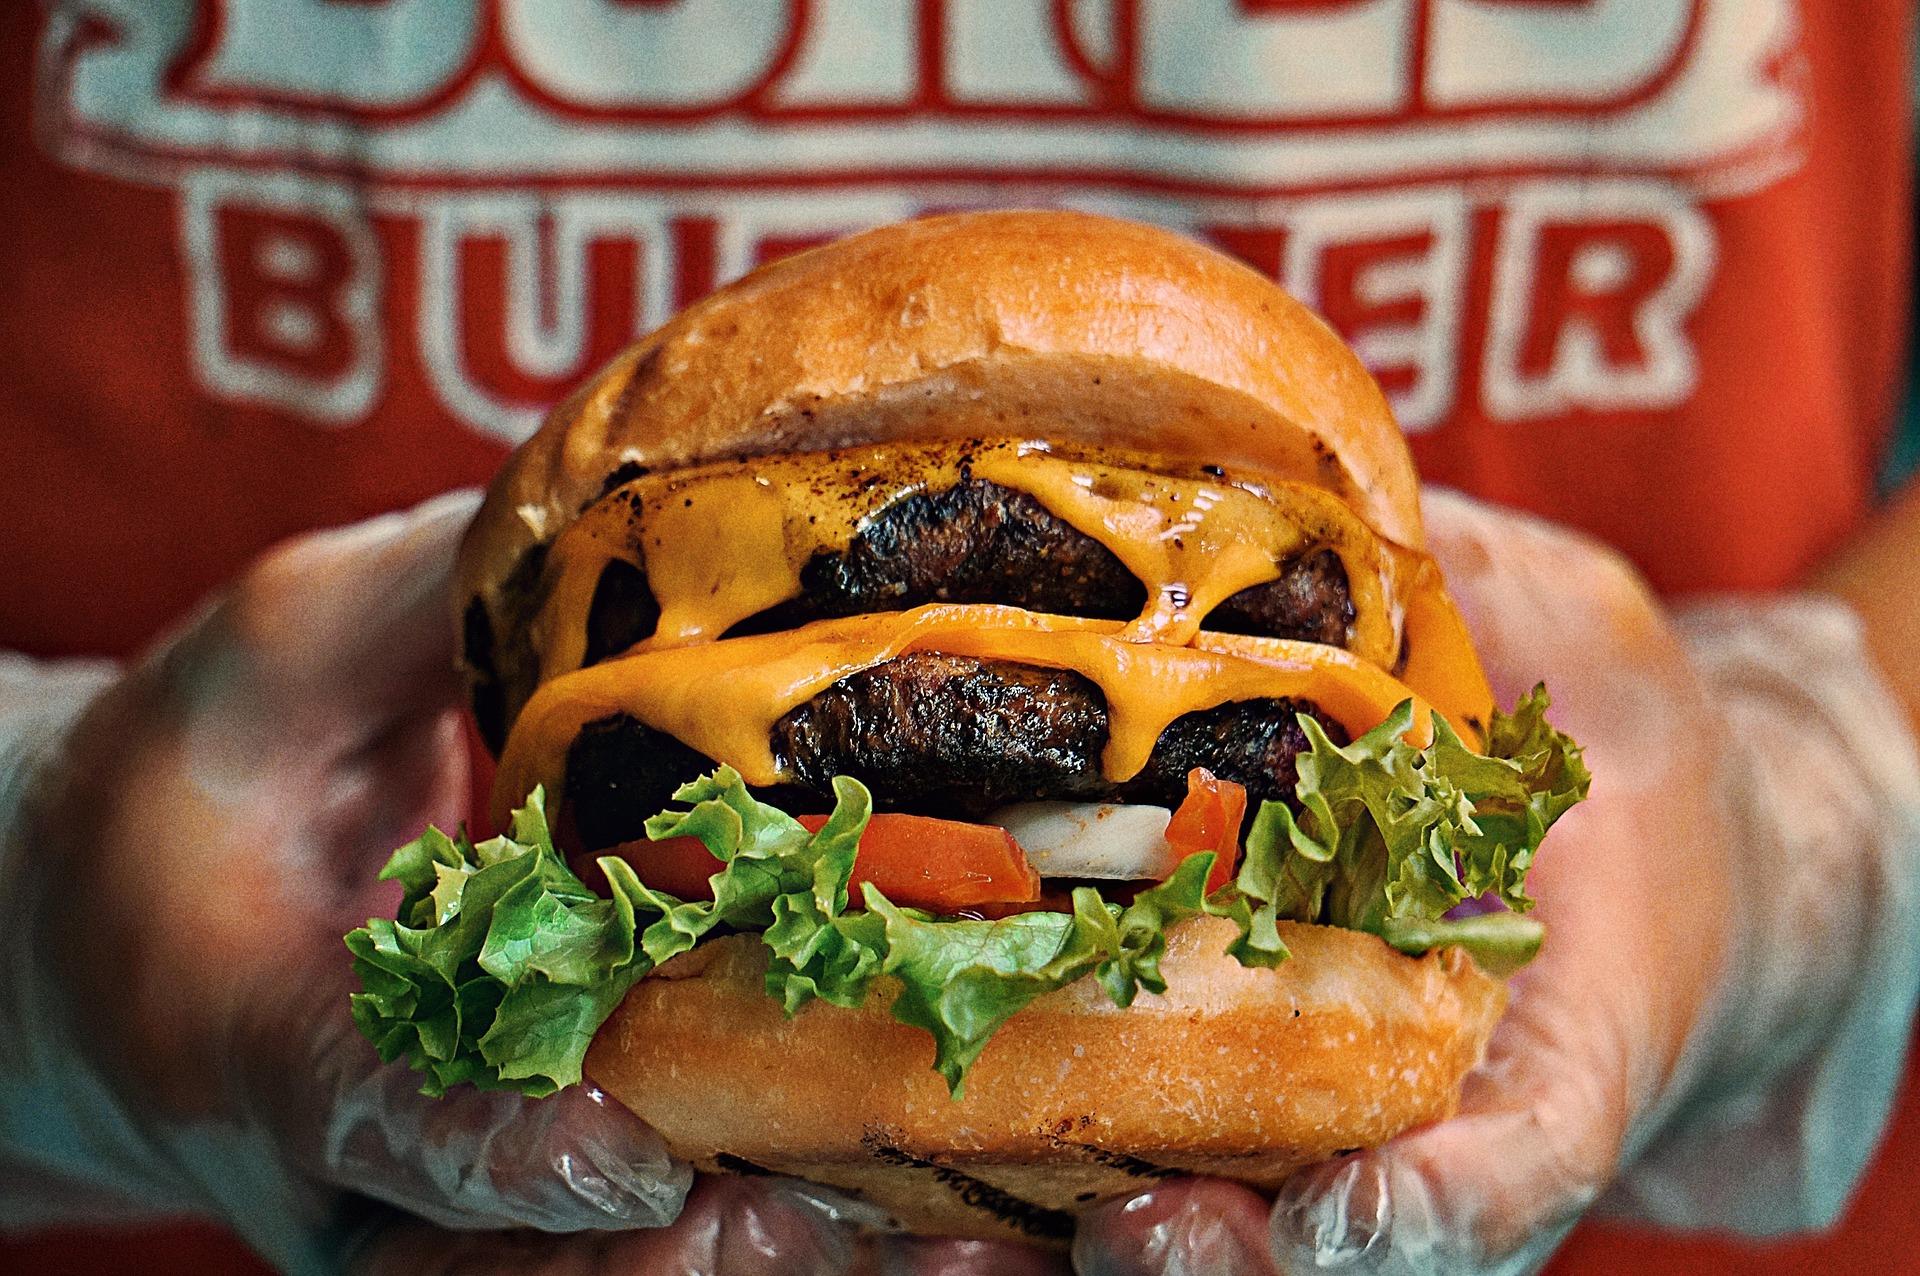 Harmless burgers